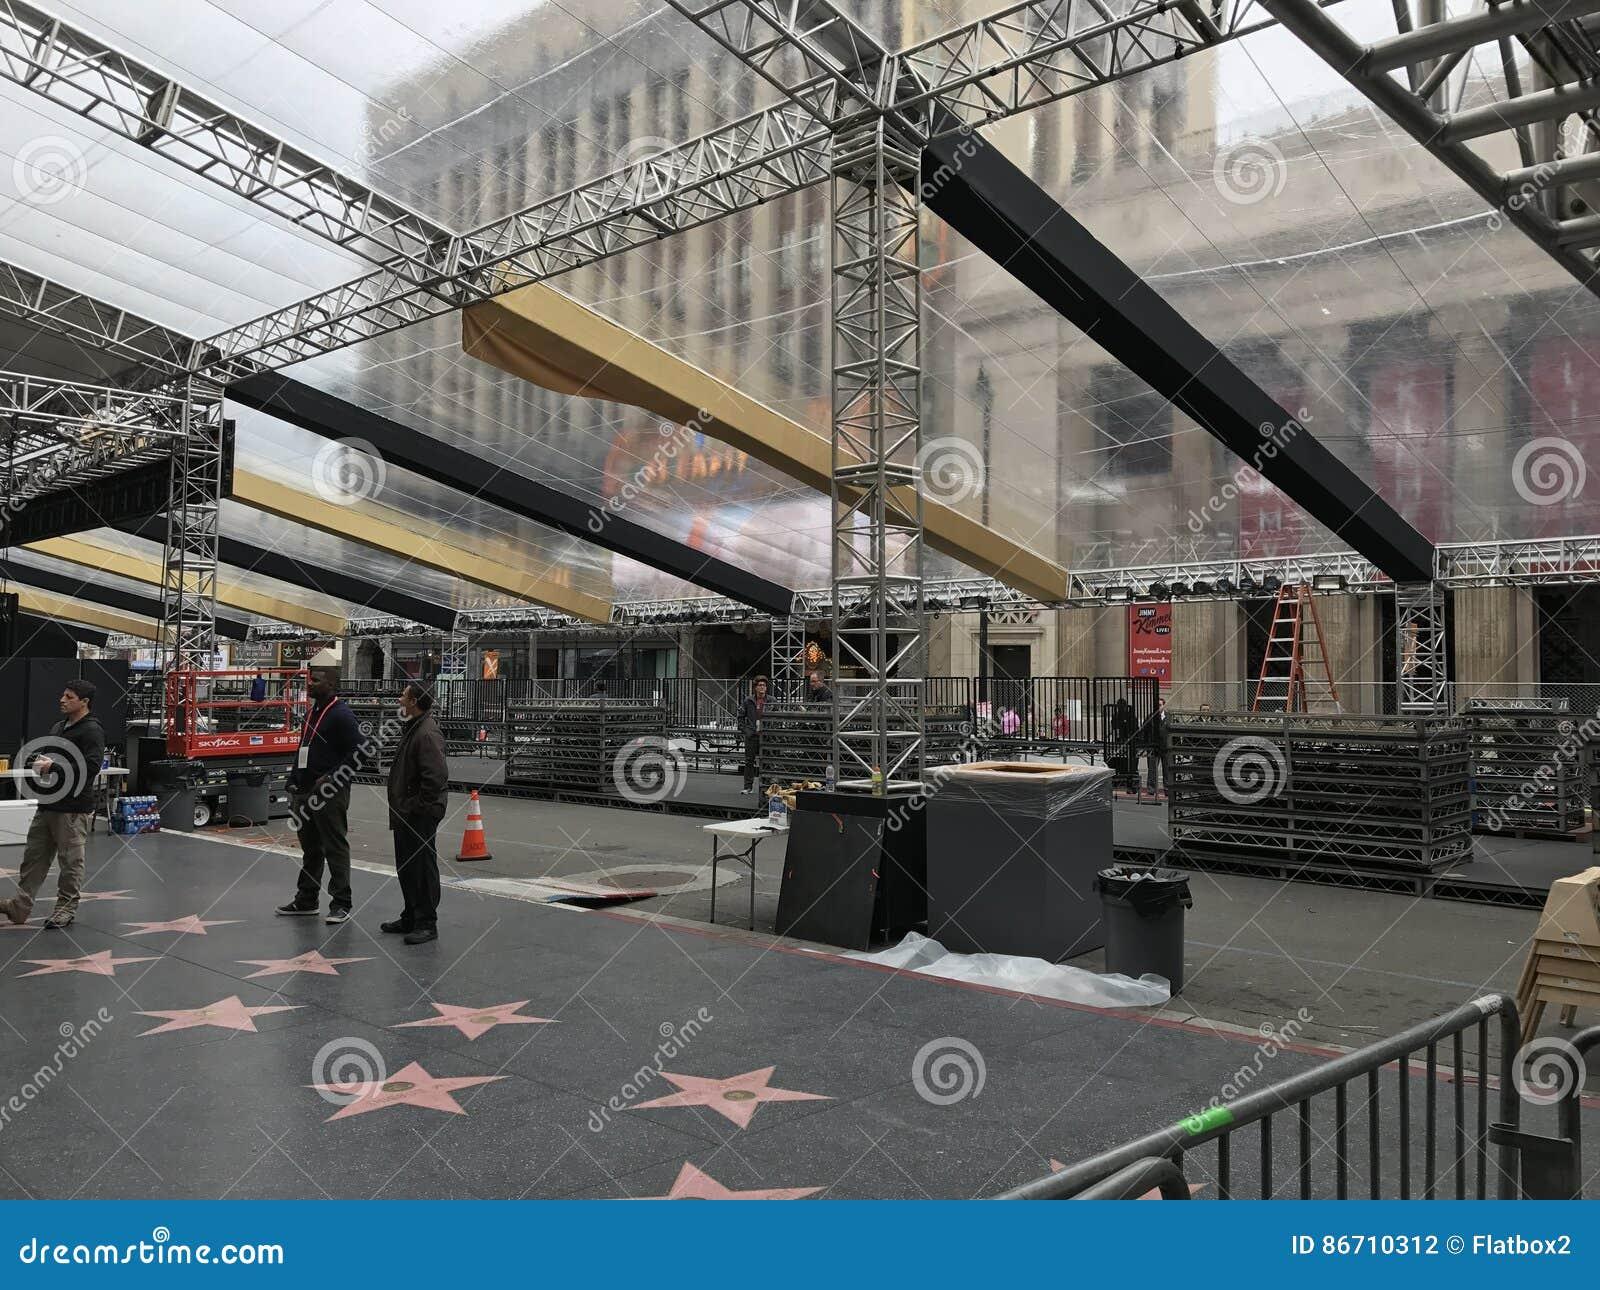 ЛОС-АНДЖЕЛЕС - 21-ОЕ ФЕВРАЛЯ: Подготовки Оскара на театре Dolby, 2017 в Голливуде, Лос-Анджелес, Калифорния